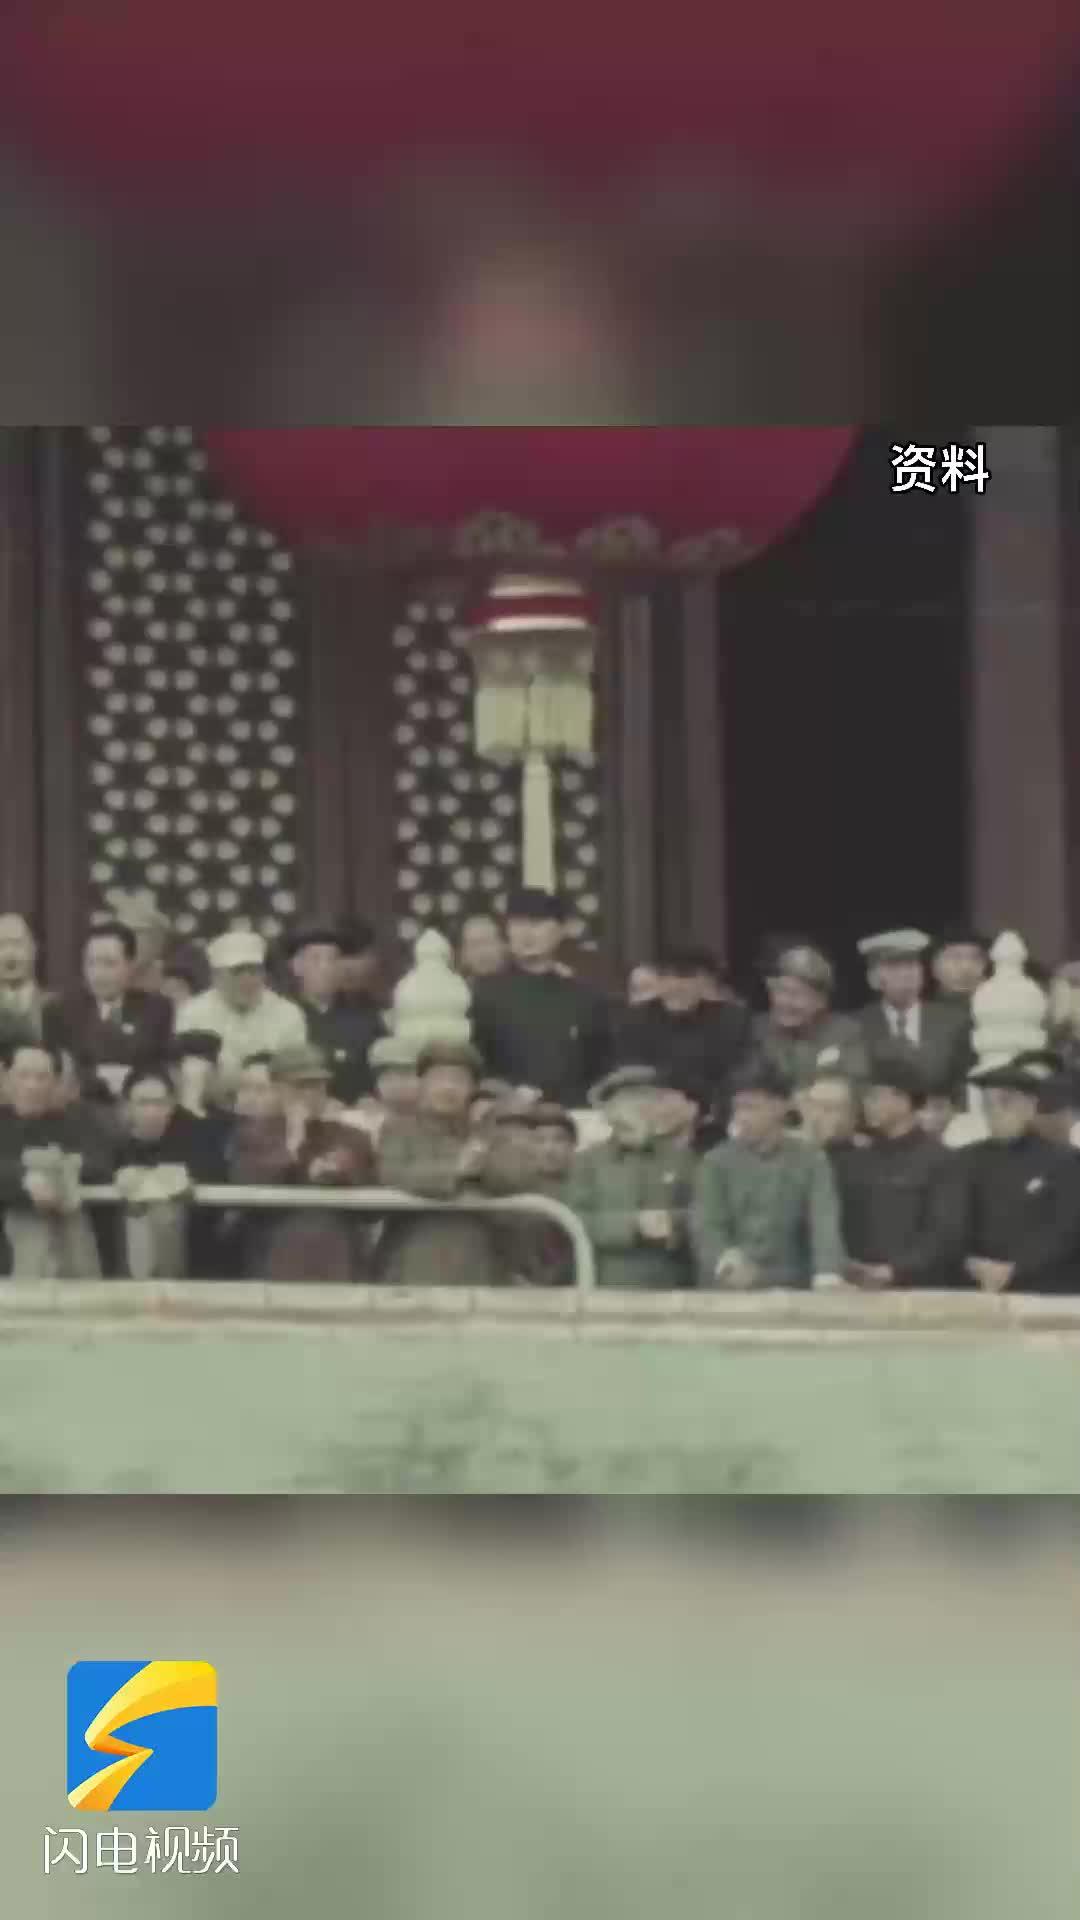 影像背后的故事我来说丨这里存放着山东省人民政府成立时升起的第一面国旗